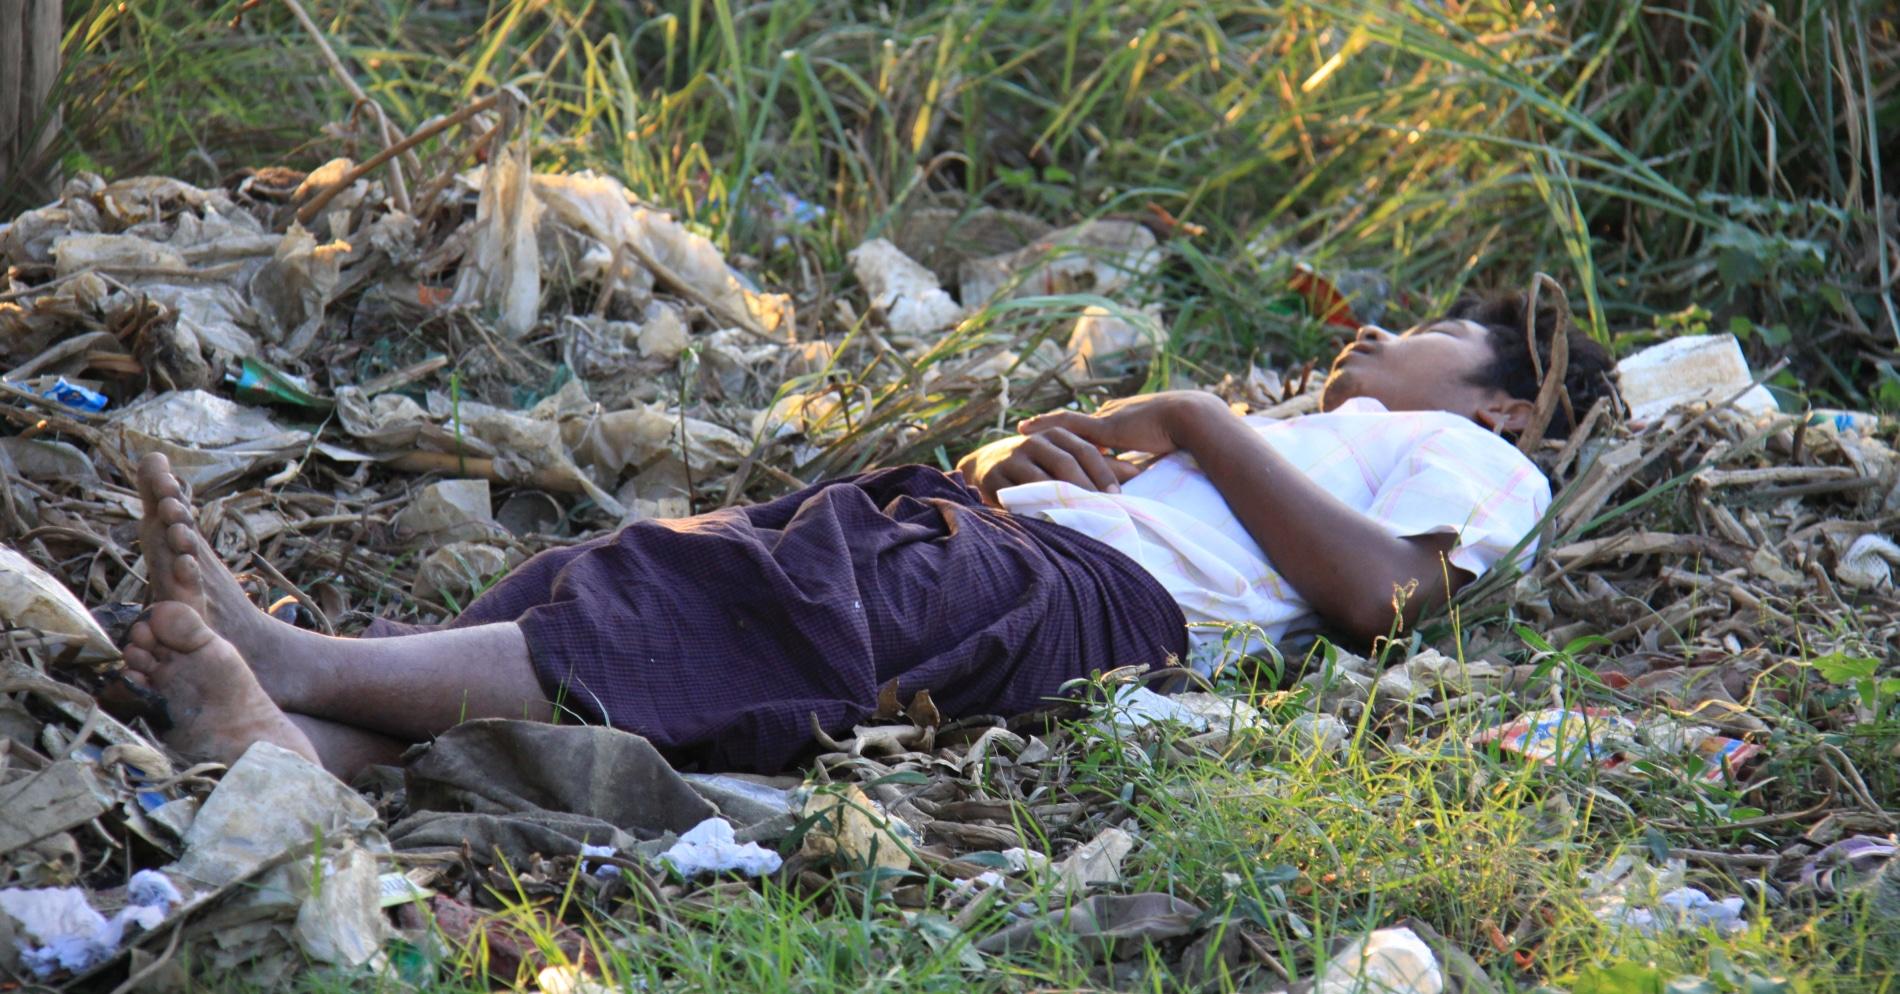 Birma spiacy chlopiec